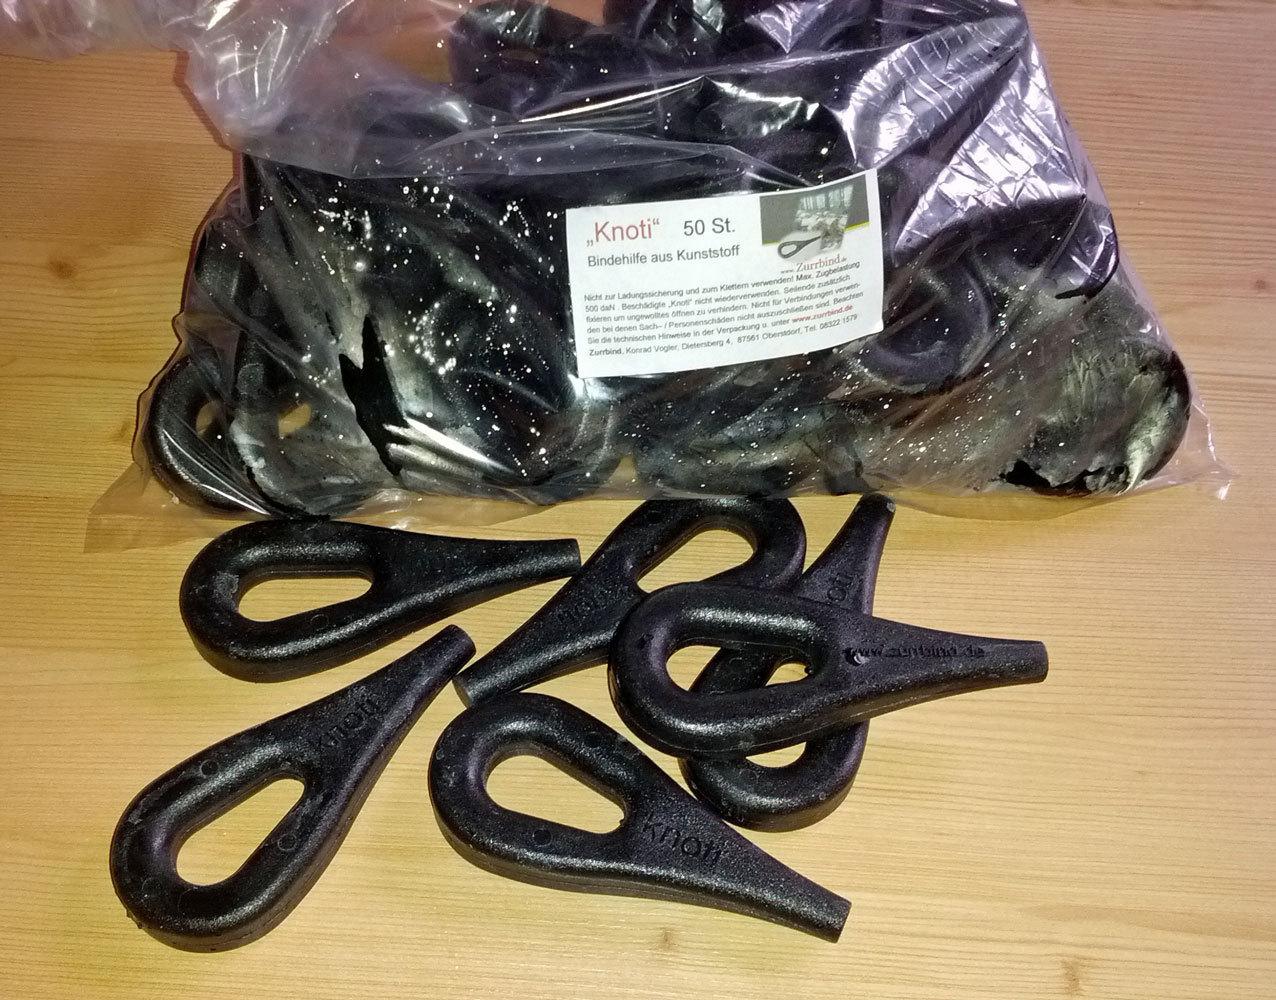 50 st knoti zurr se aus kunststoff bis ca 12mm seilst rke knoti. Black Bedroom Furniture Sets. Home Design Ideas